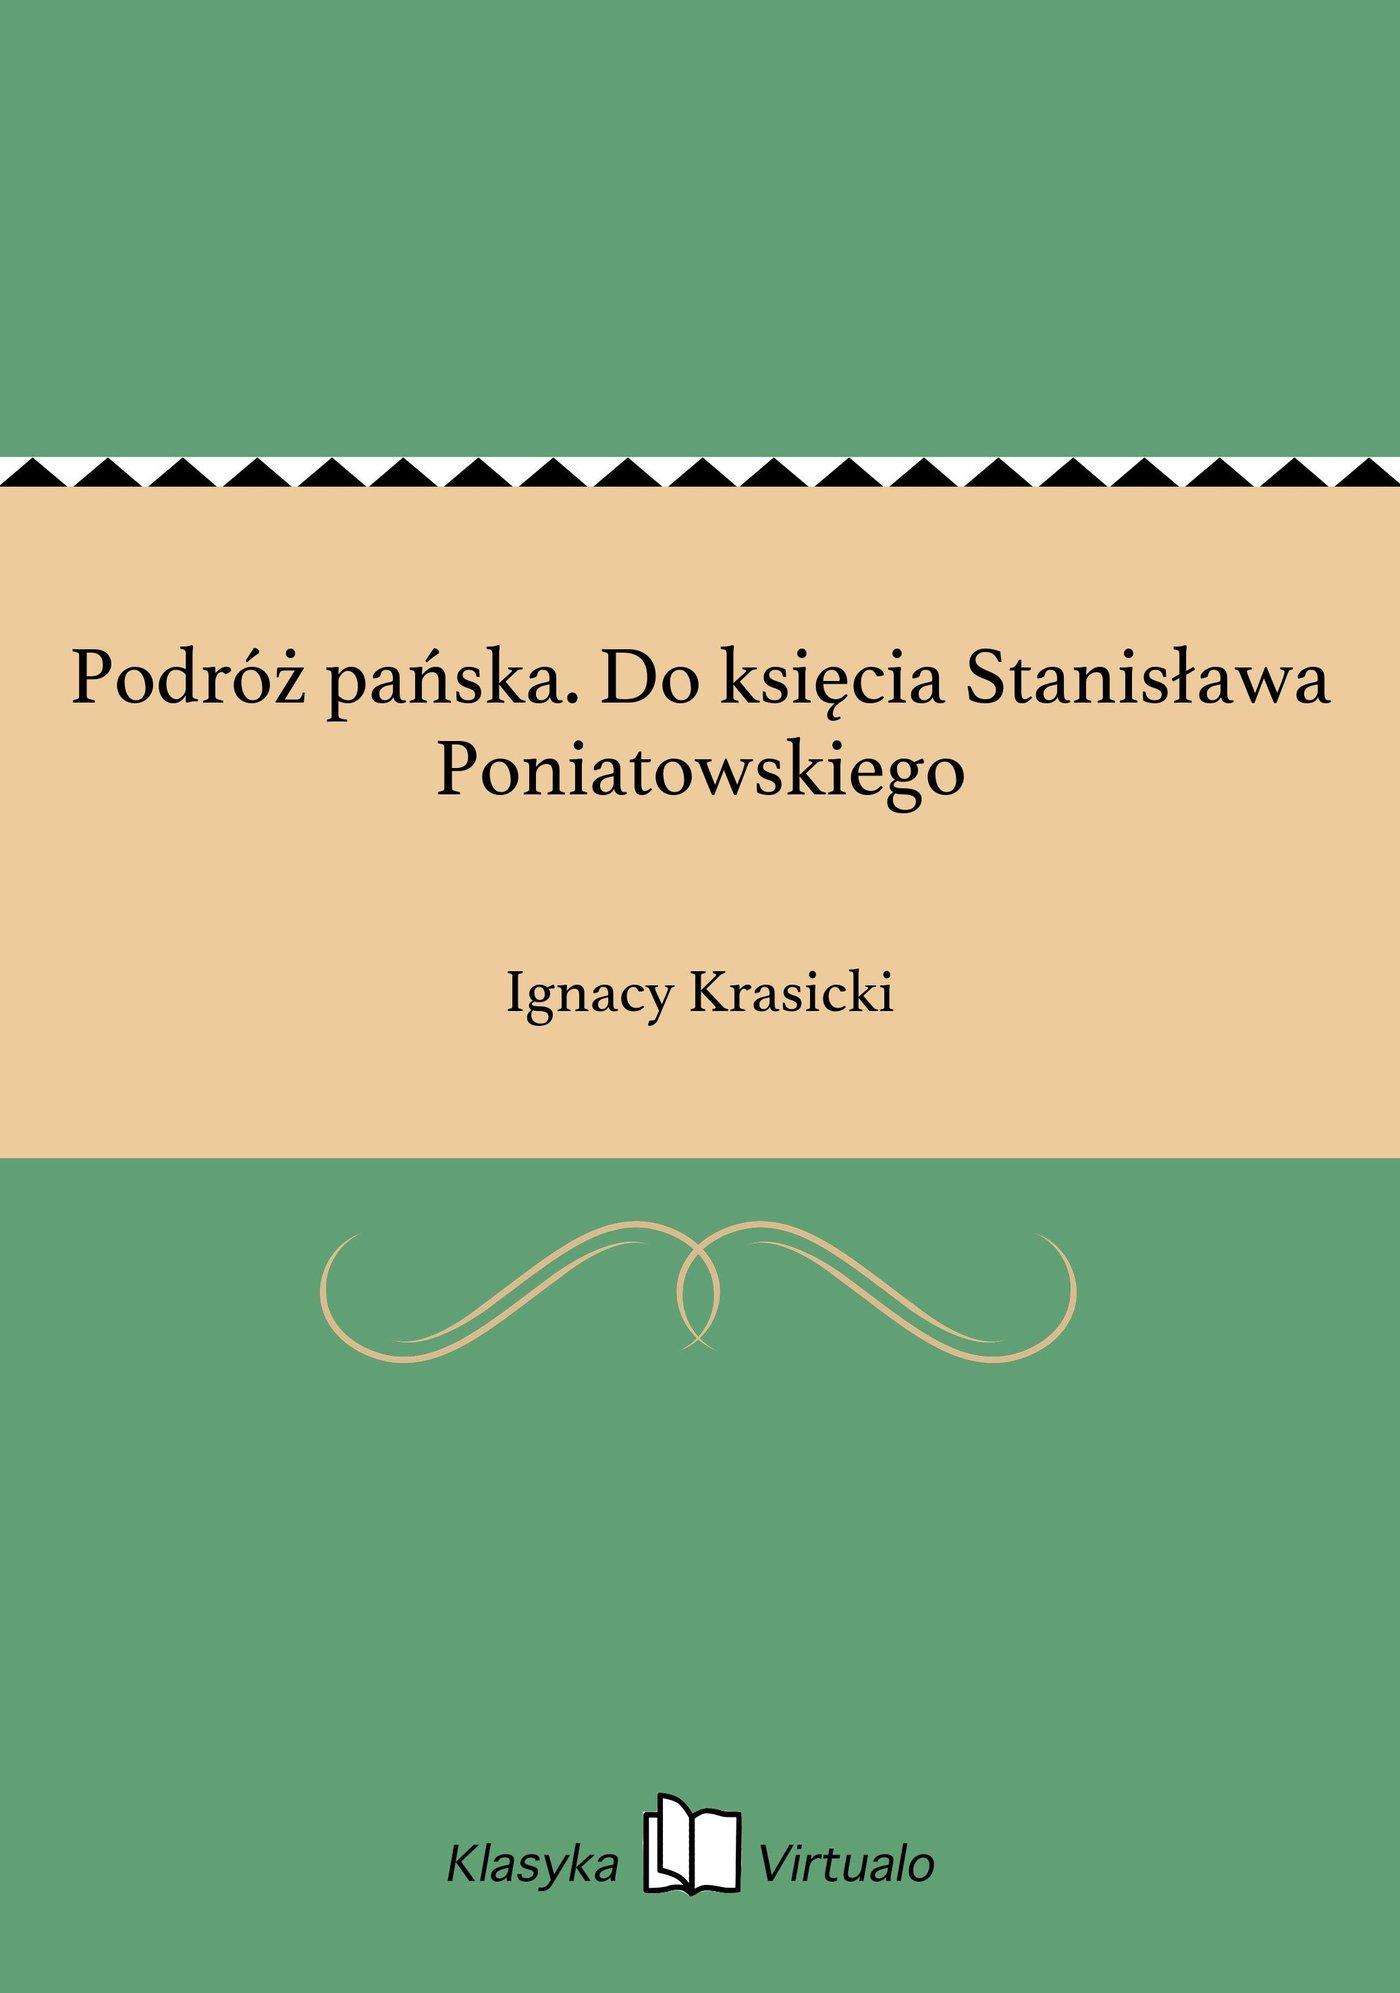 Podróż pańska. Do księcia Stanisława Poniatowskiego - Ebook (Książka EPUB) do pobrania w formacie EPUB